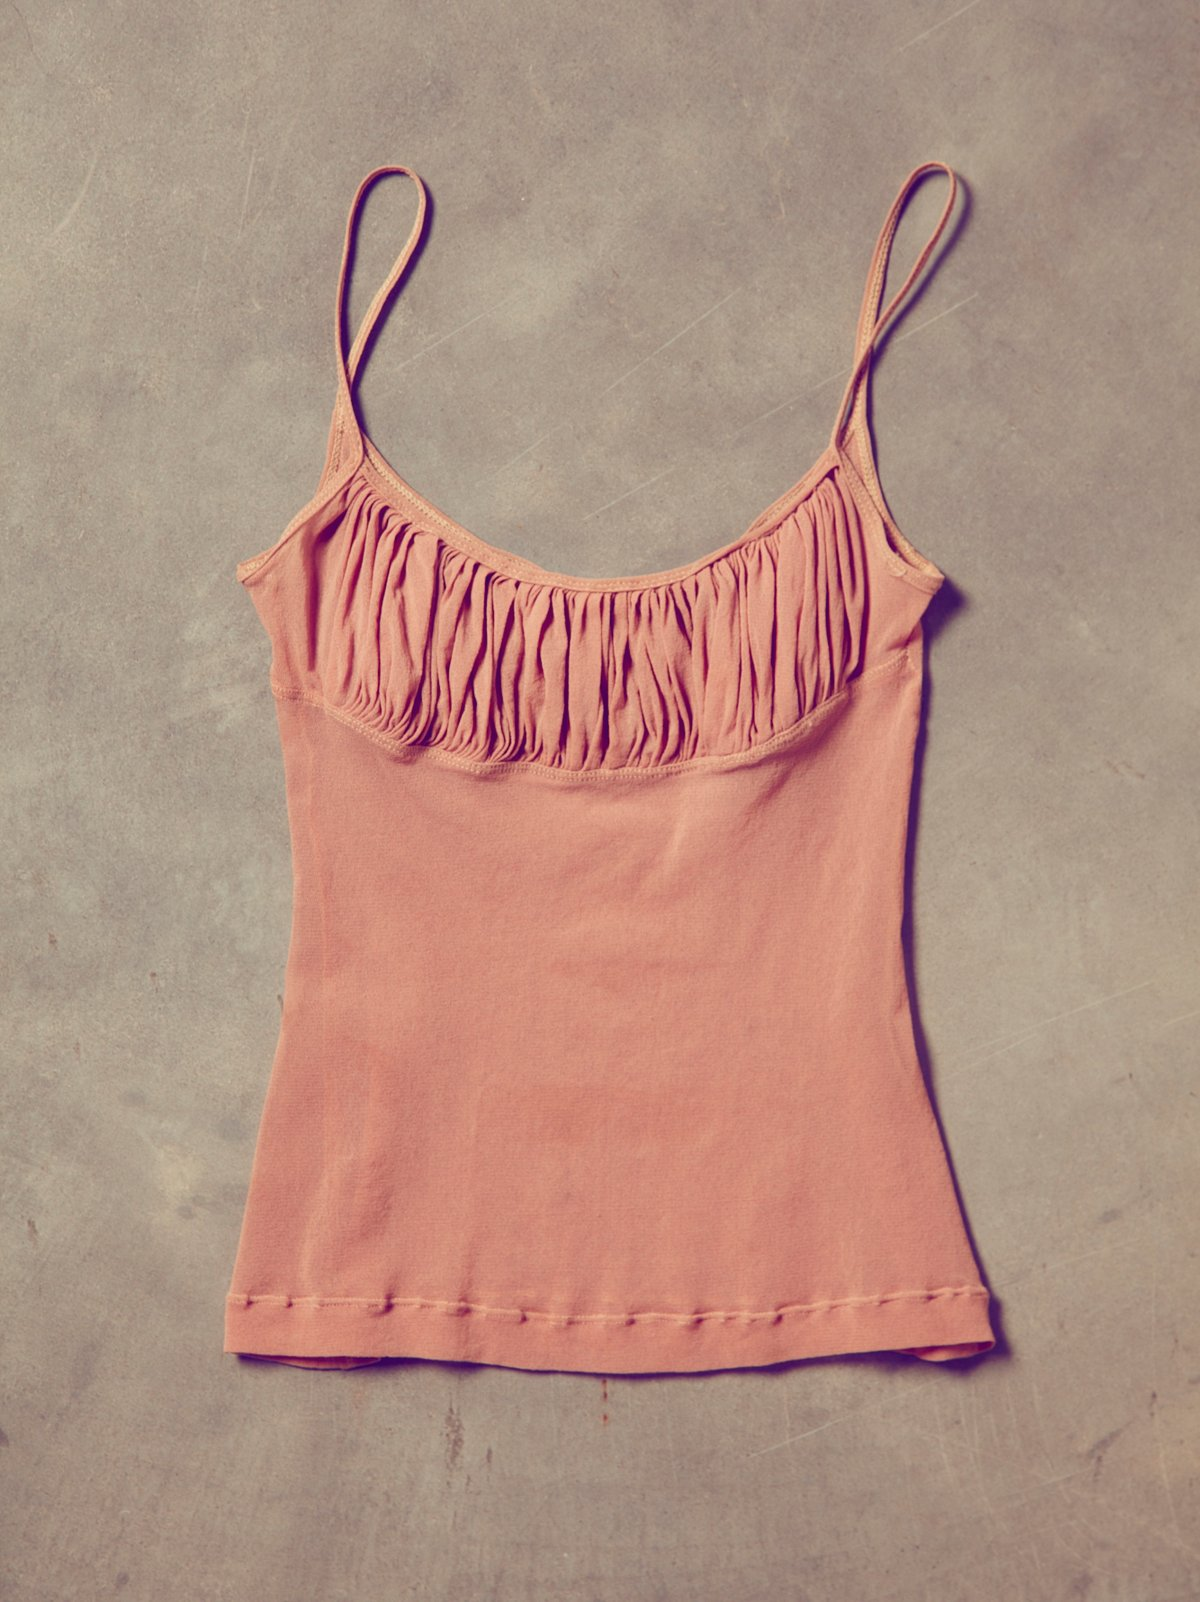 Vintage Pink Mesh Dance Tank